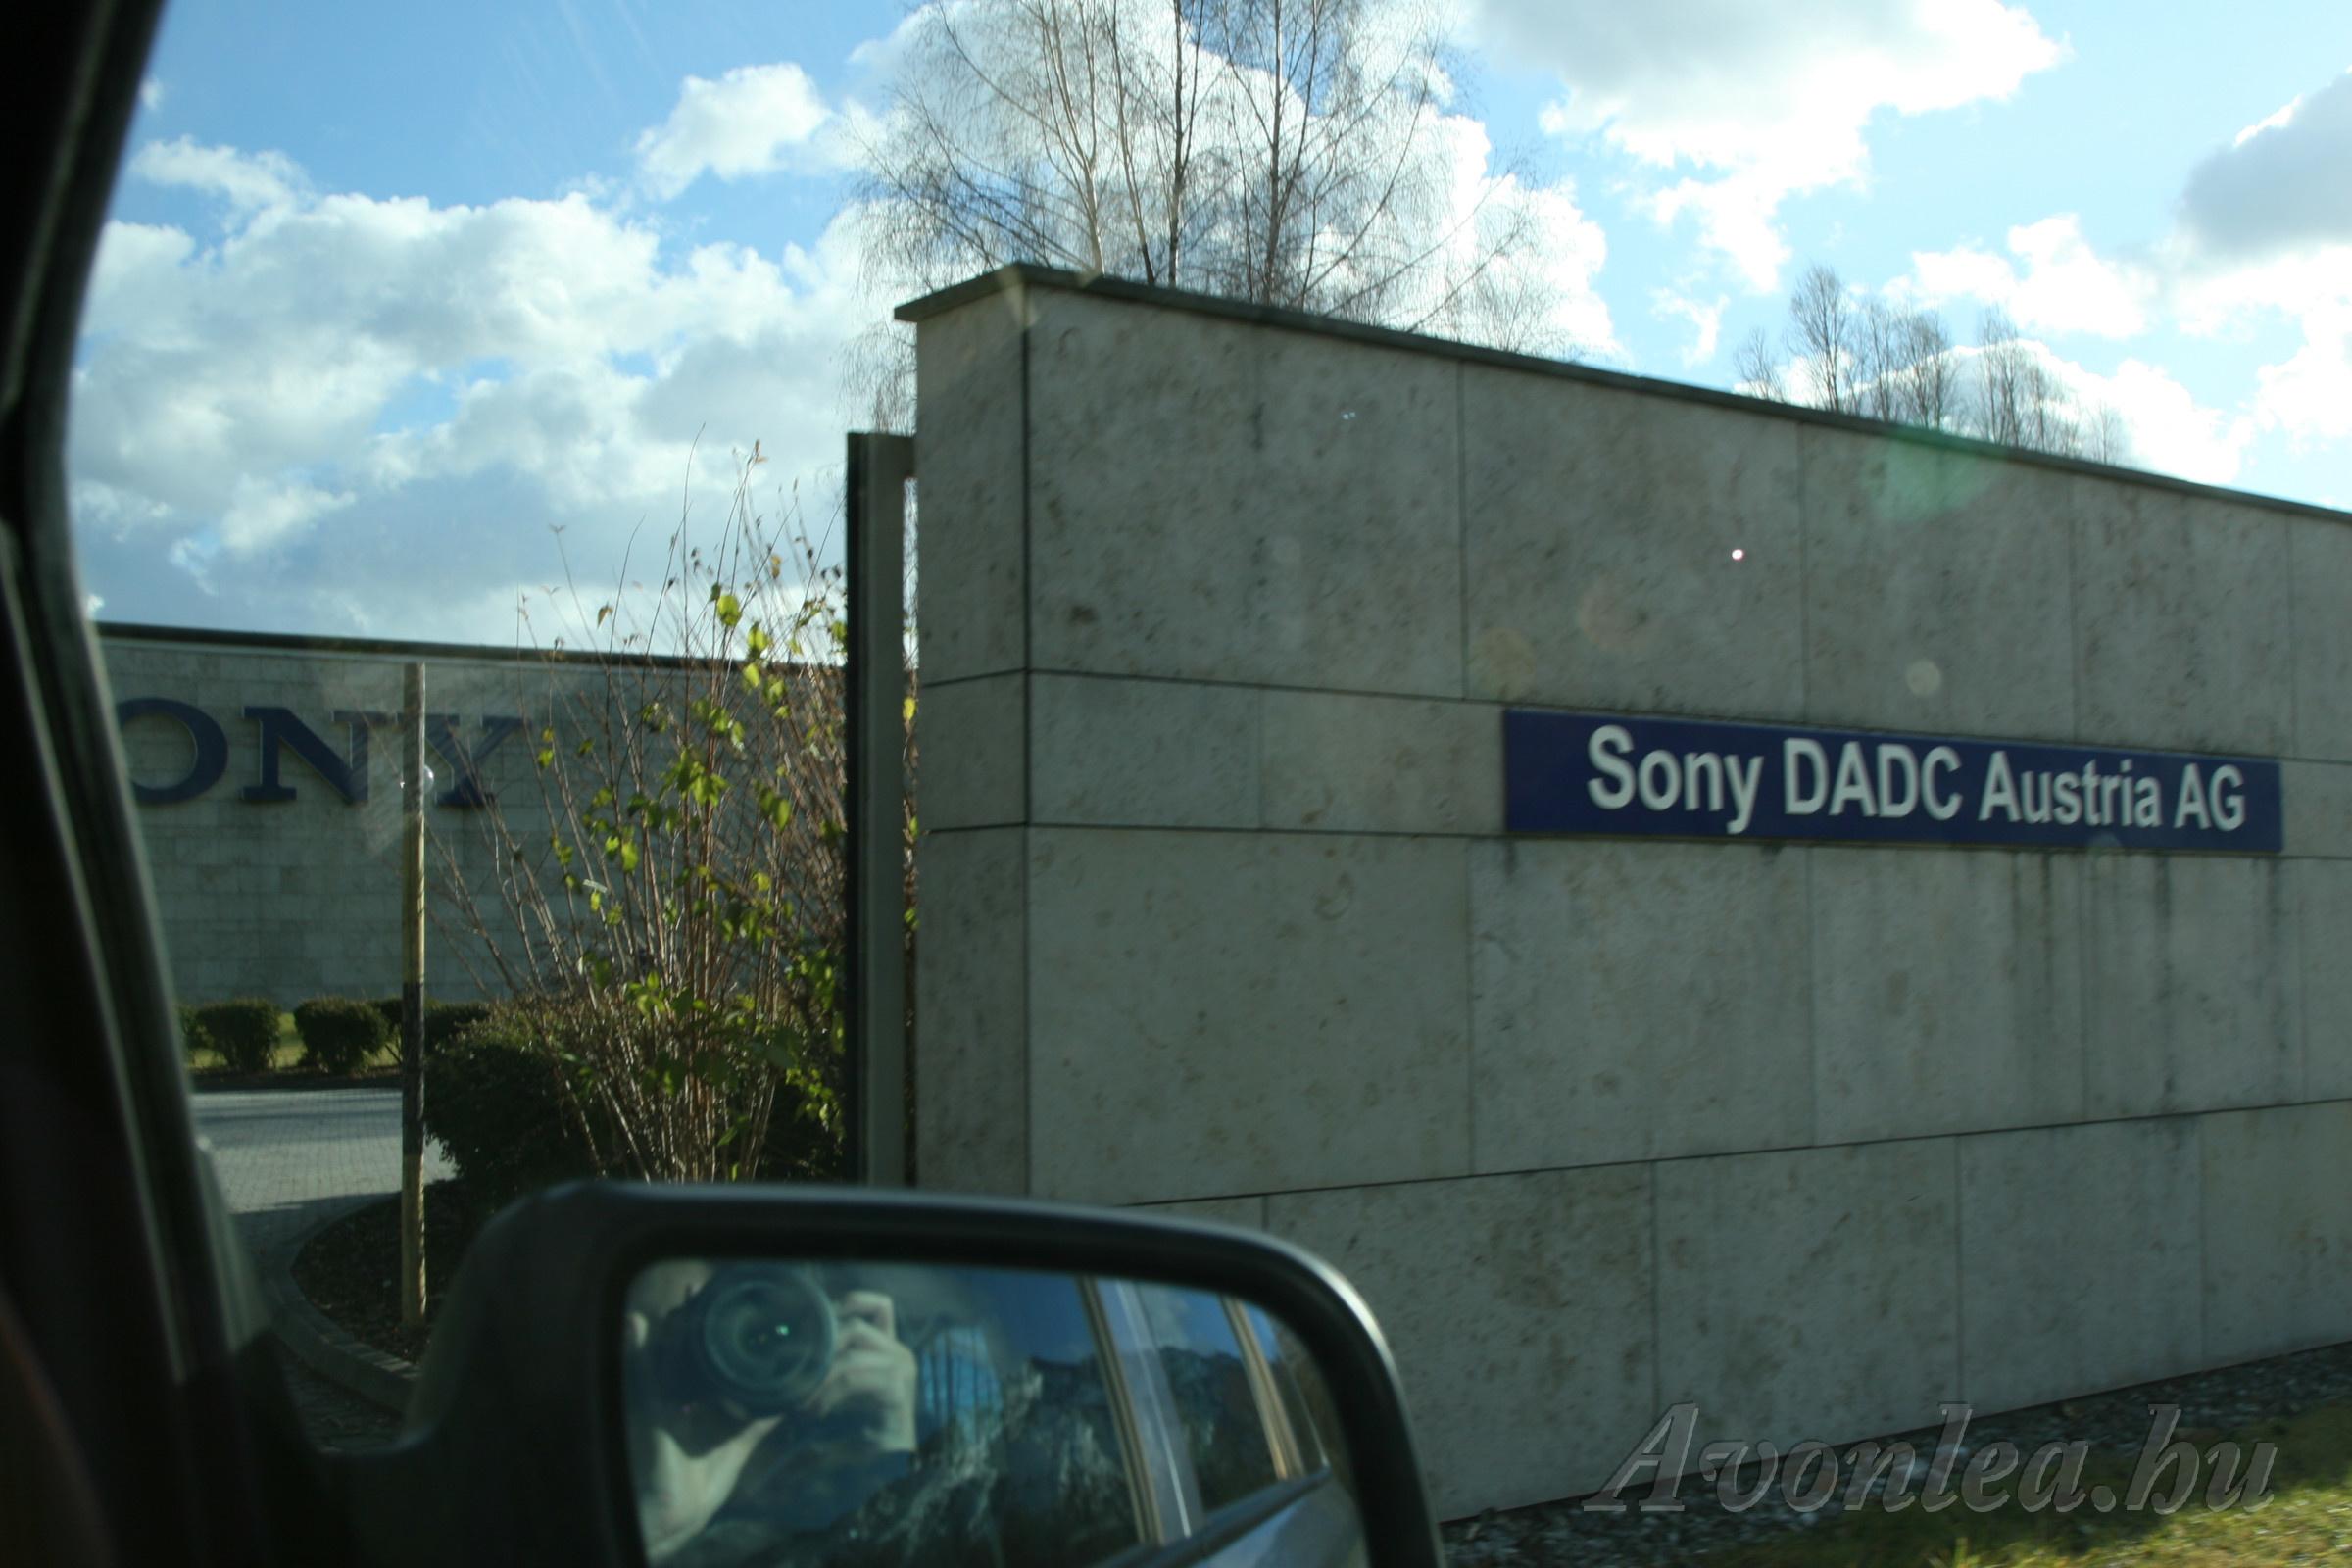 Sony DADC Austria AG - itt készültek a DVD-k